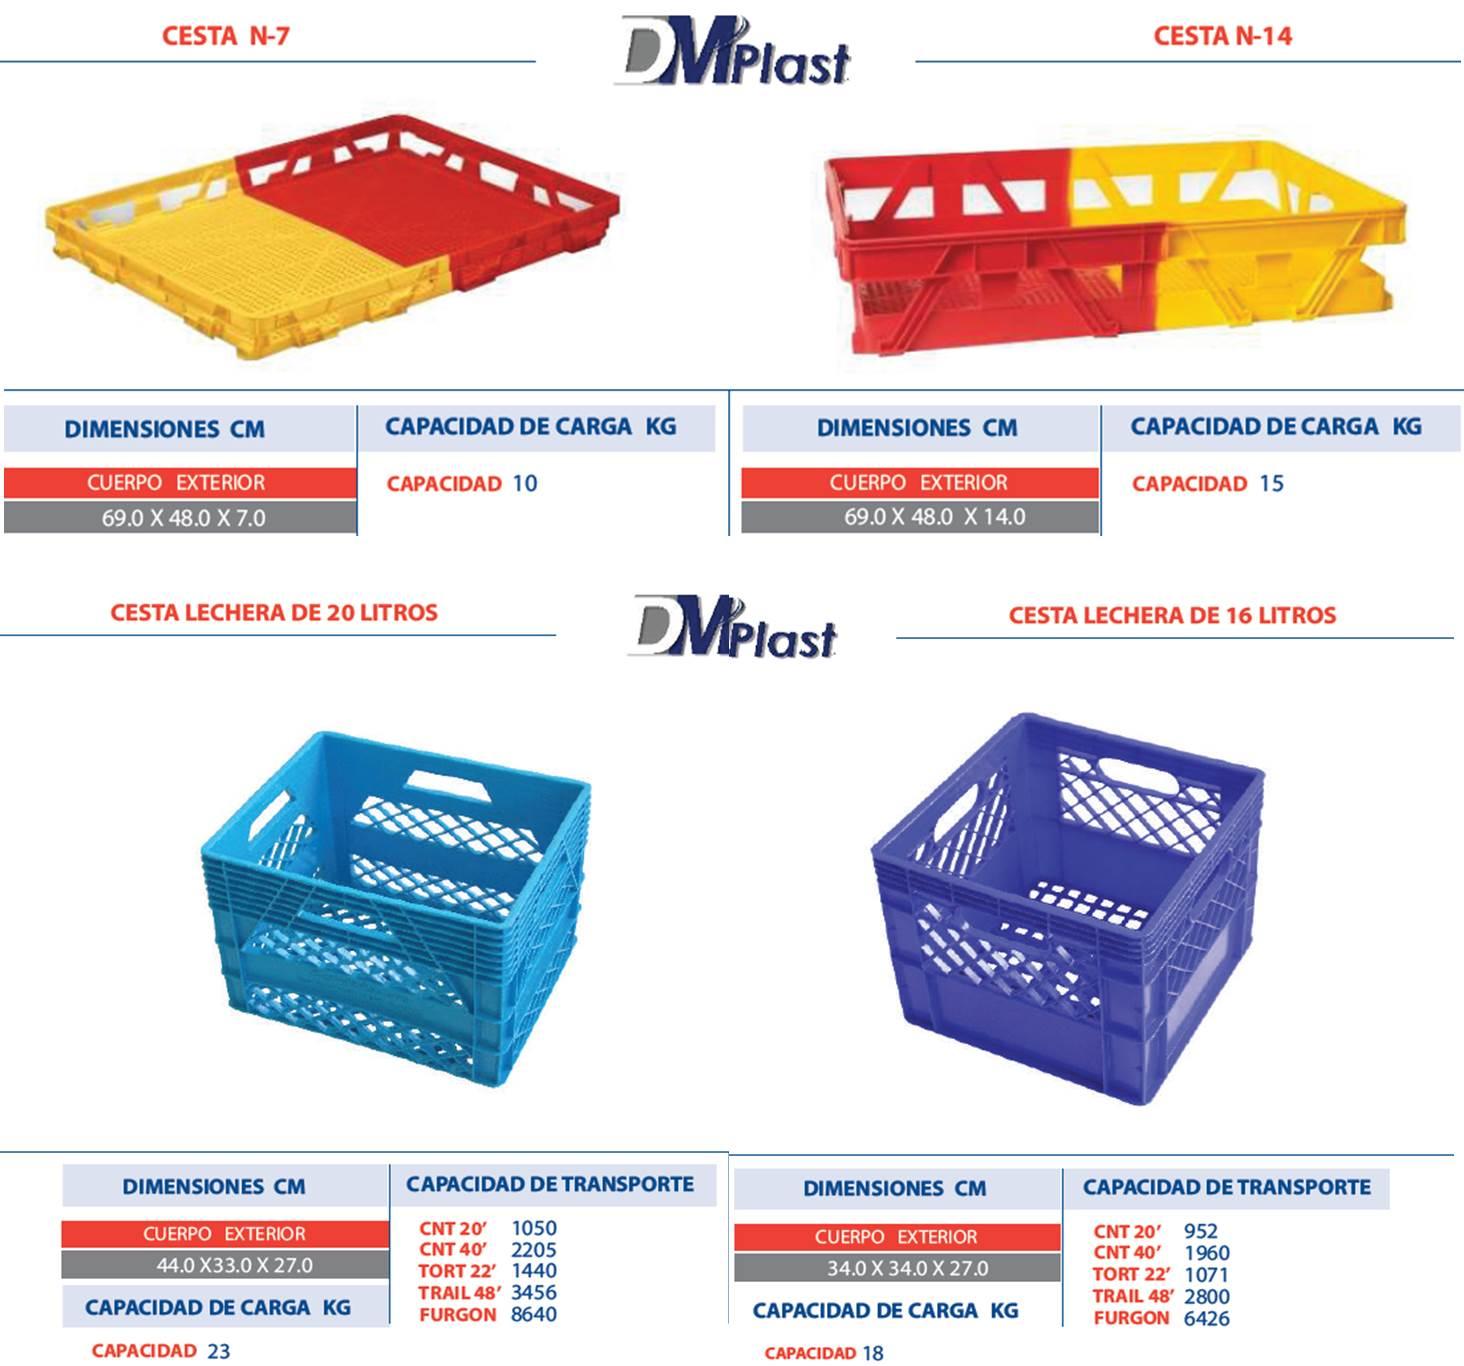 cajas de plastico y charolas para empaque de fruta y leche dm plast